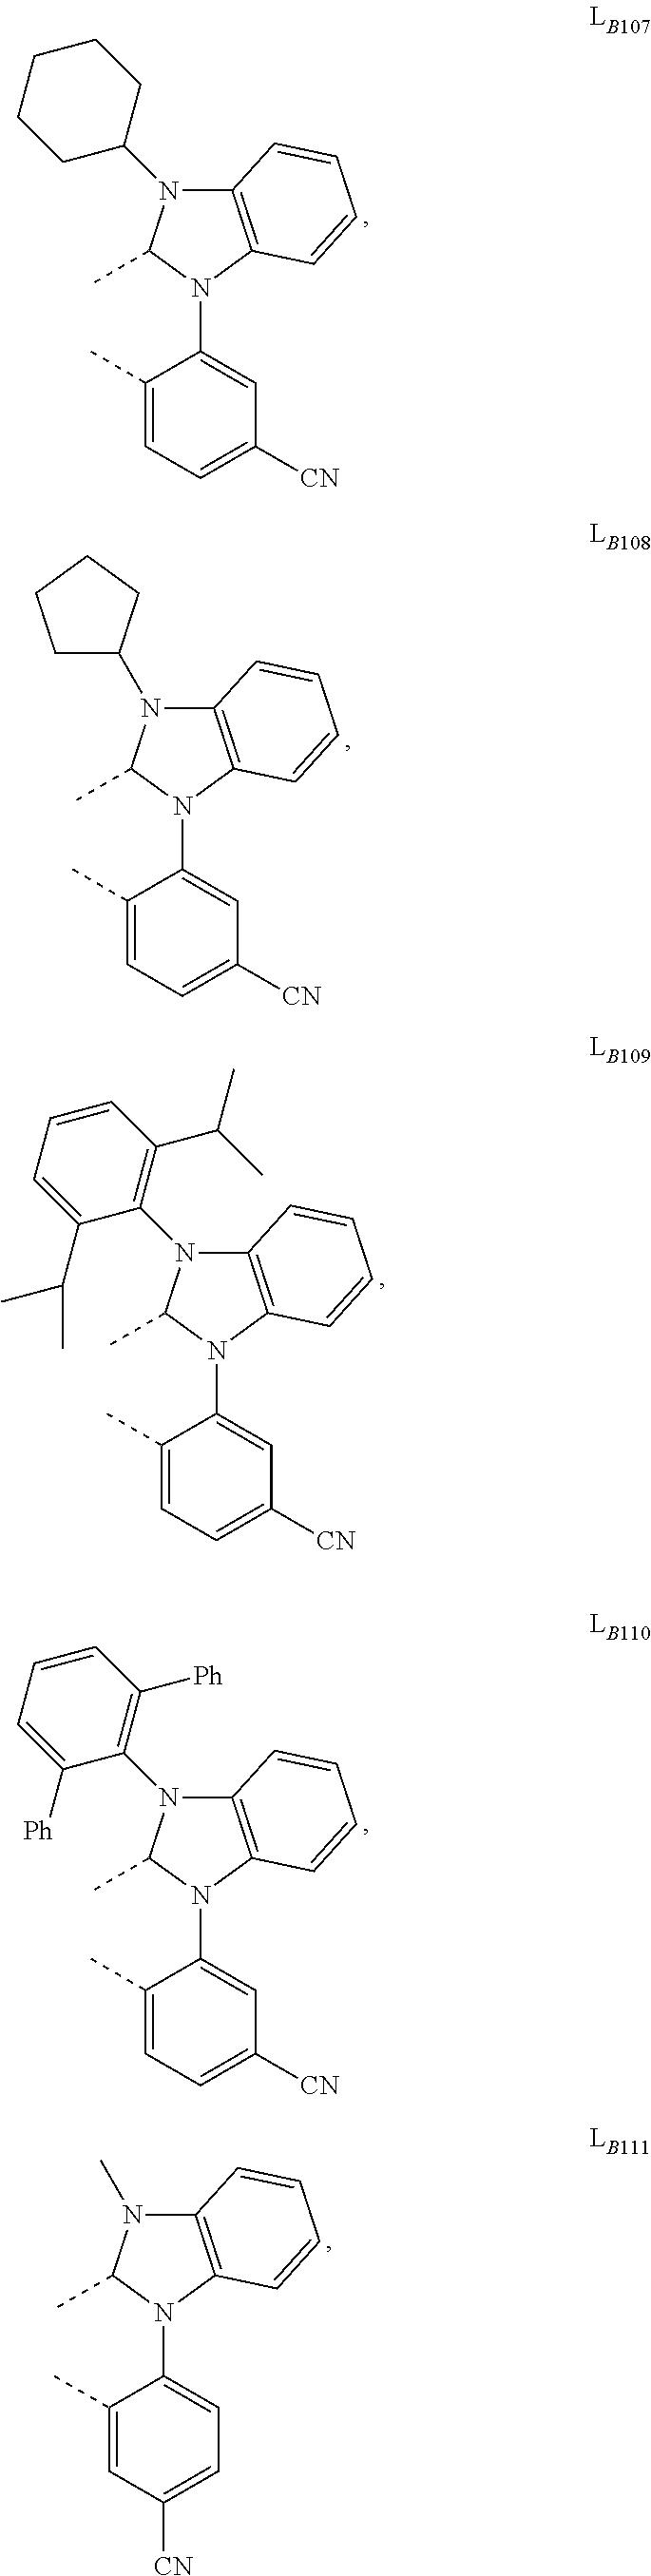 Figure US09905785-20180227-C00521